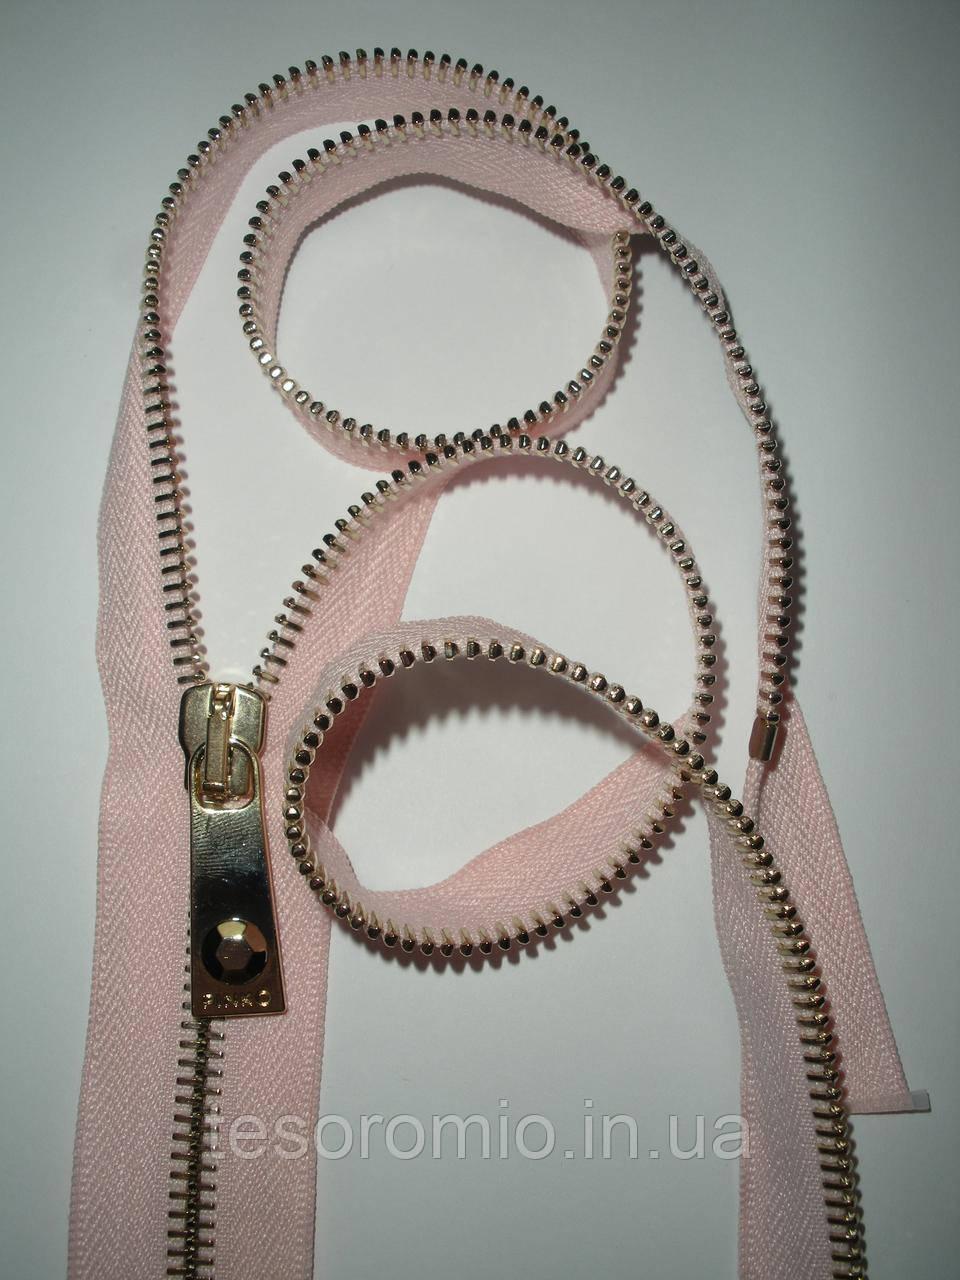 Молния металлическая разъемная 48см, 1 бегунок, тип 6. Основа - светло-розовая, зубцы - золото.